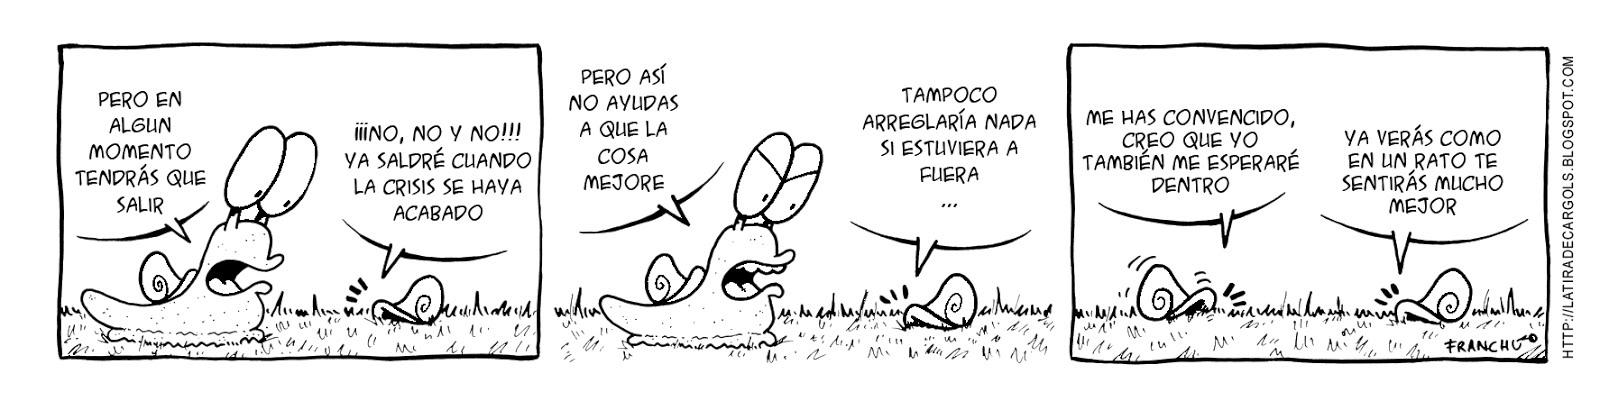 Tira comica 139 del webcomic Cargols del dibujante Franchu de Barcelona